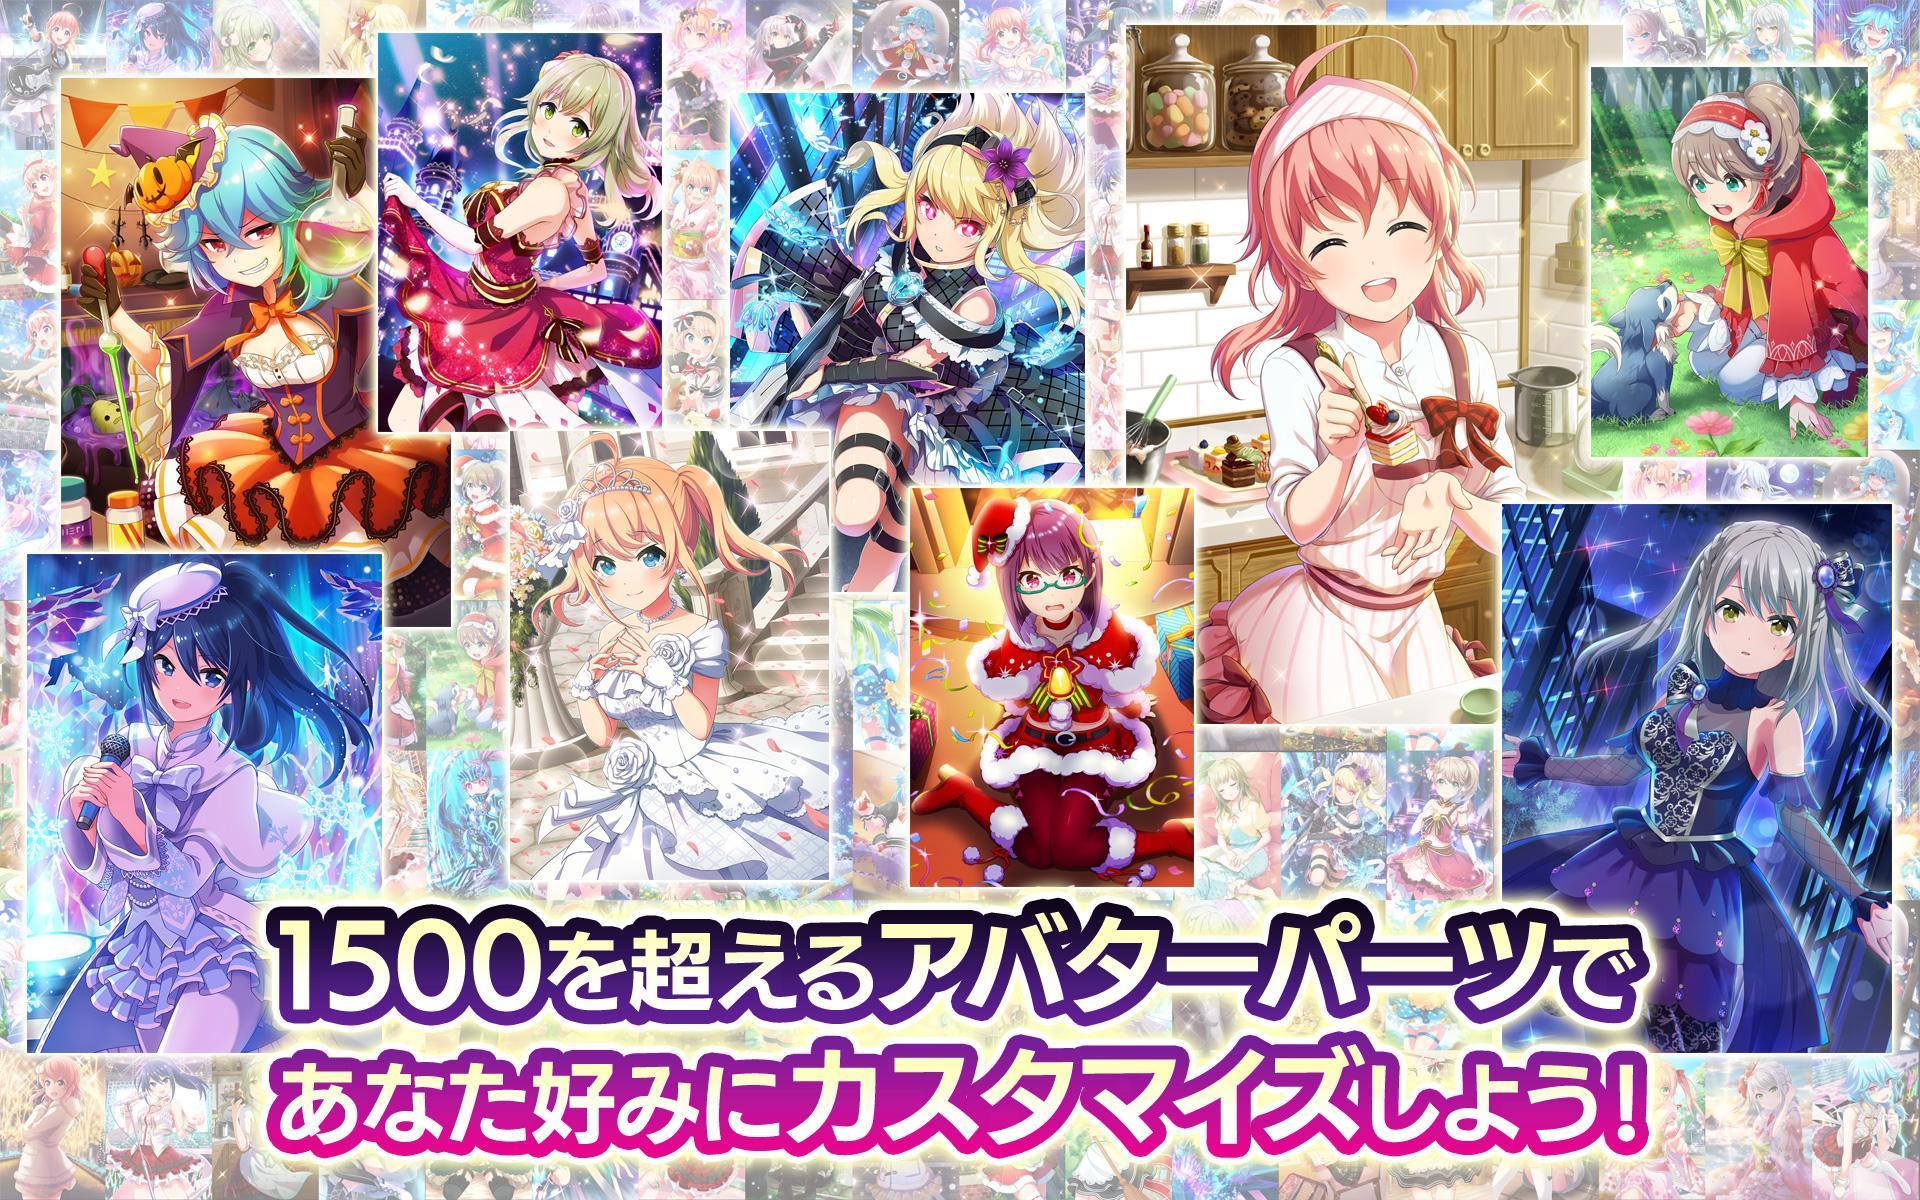 プロジェクト東京ドールズ :美少女タップアクションRPG 4.1.0 Screenshot 14